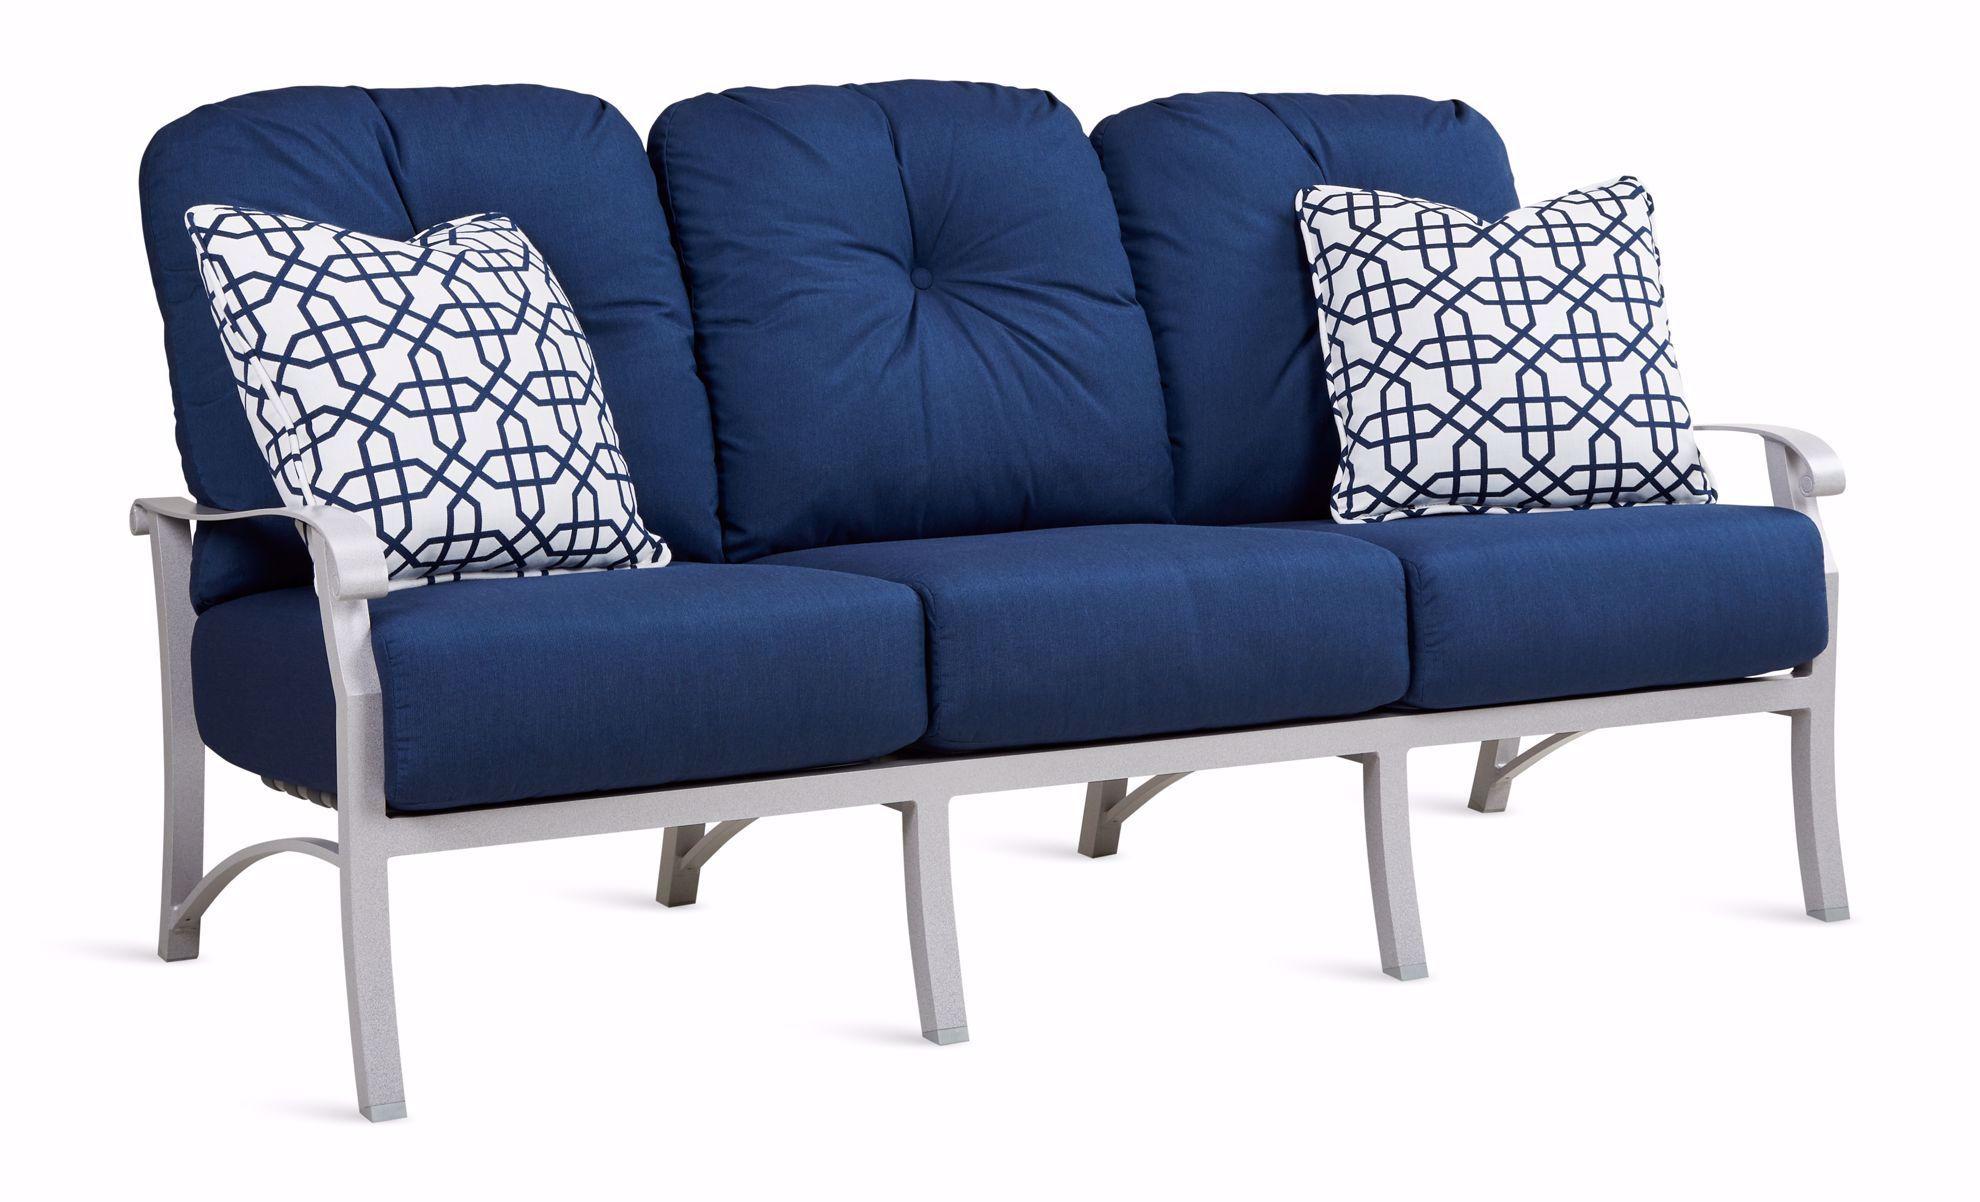 Picture of Cortland Spectrum Indigo Sofa